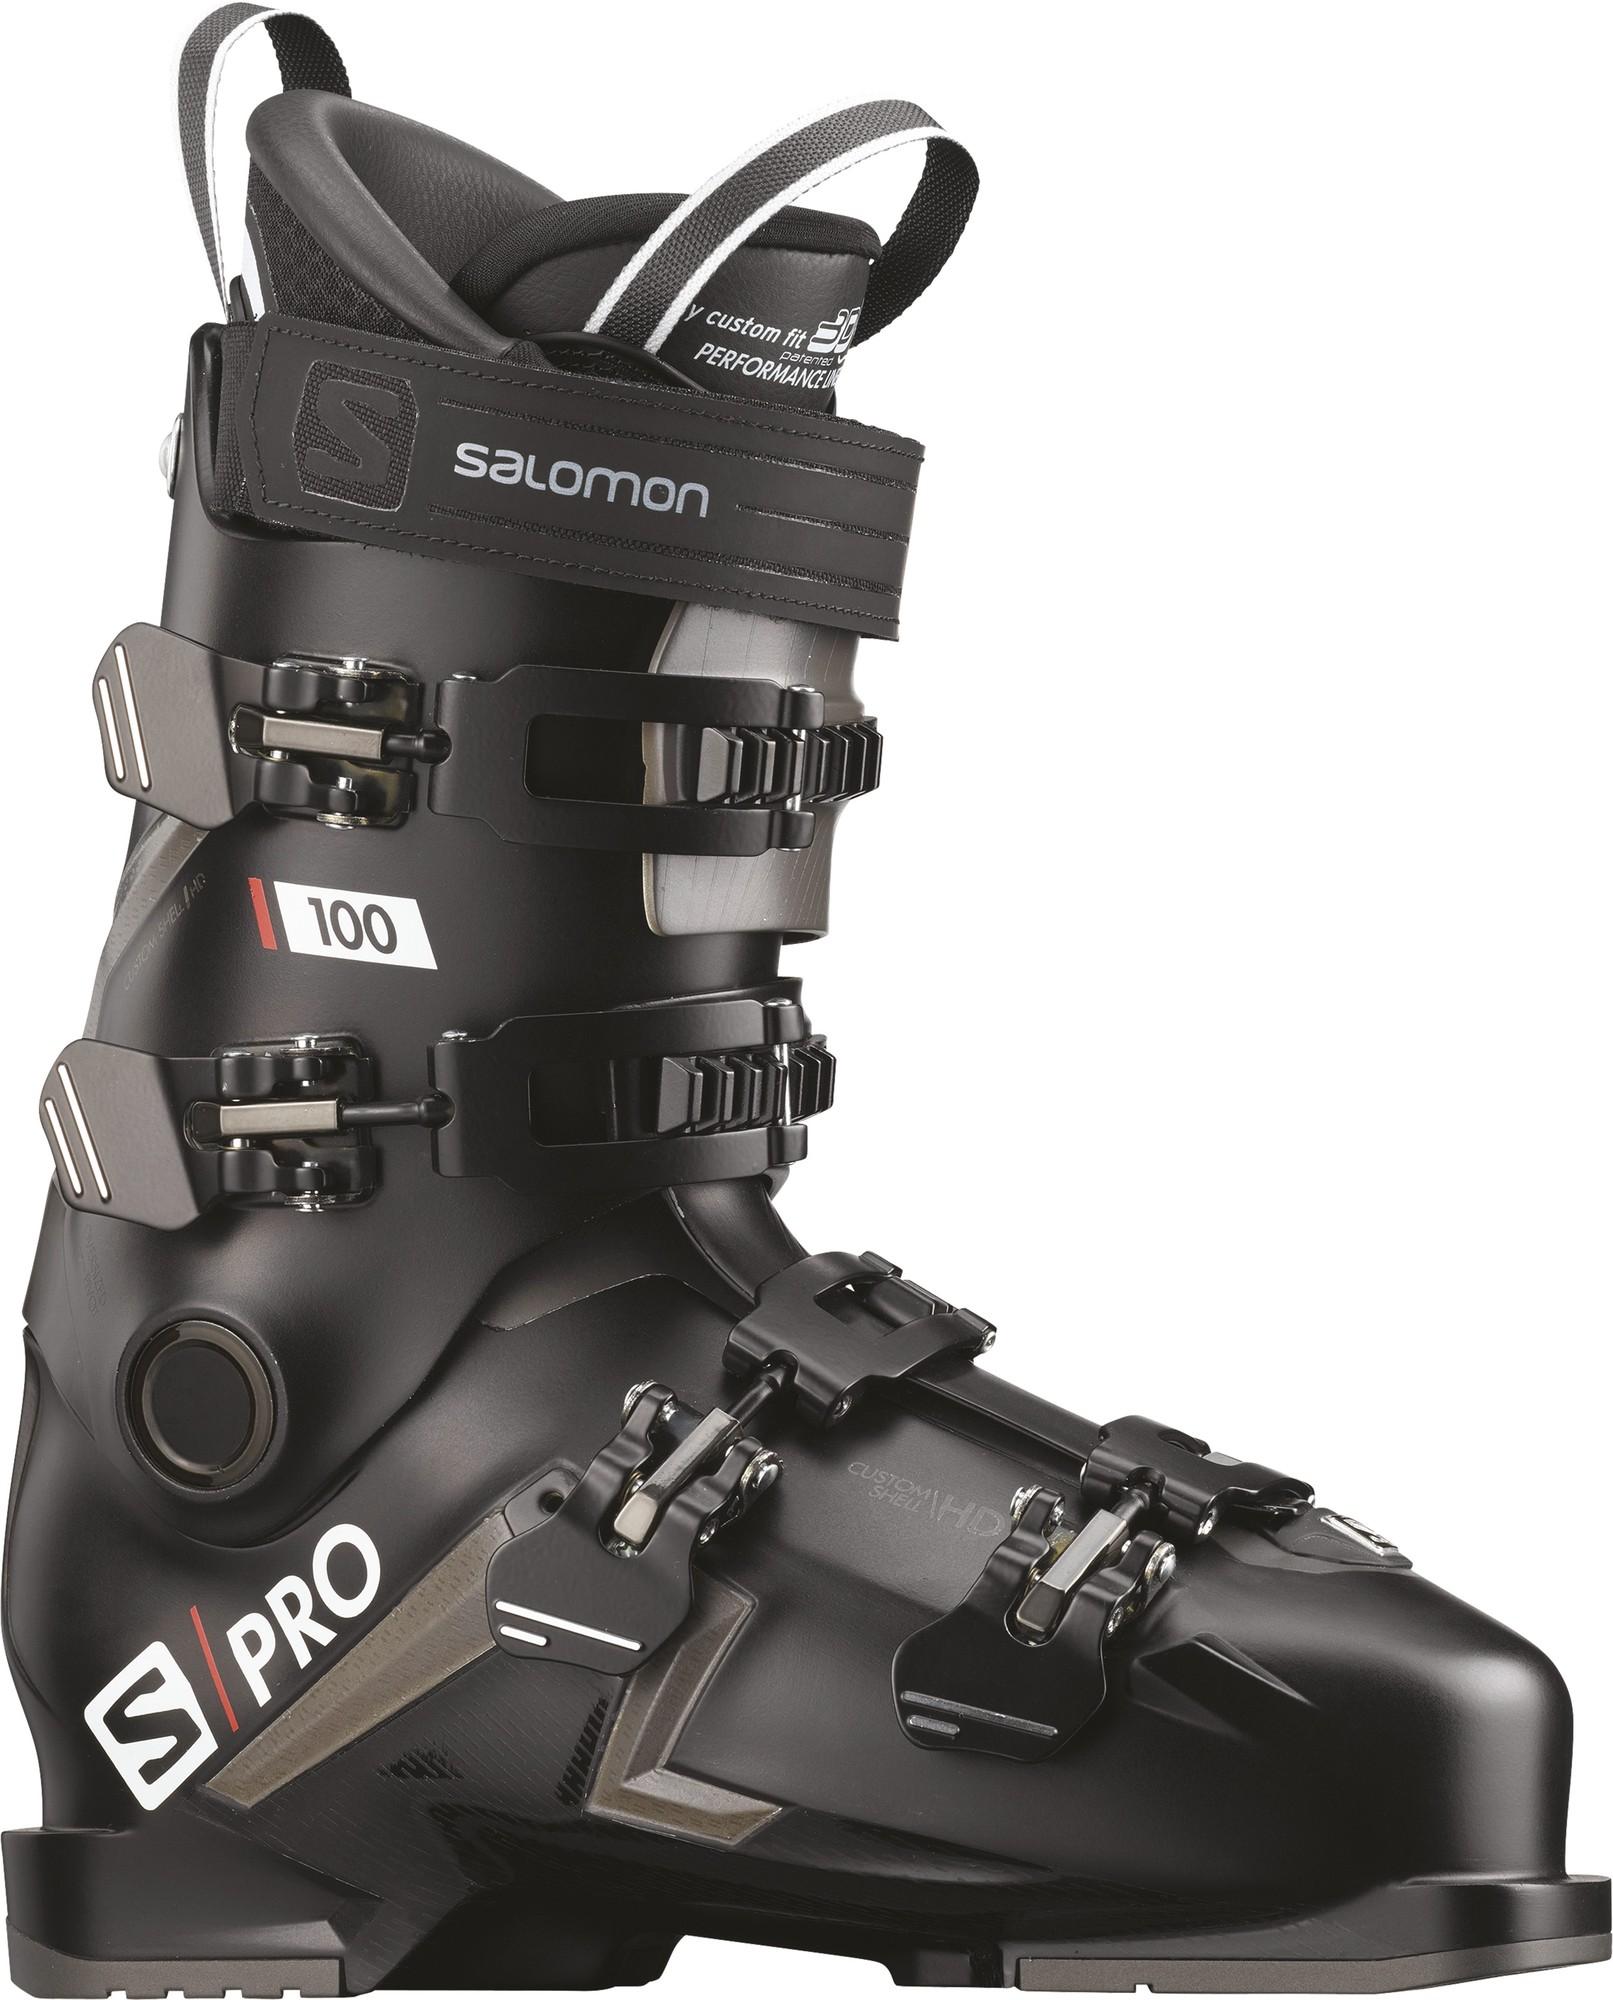 Salomon Ботинки горнолыжные Salomon S/PRO 100, размер 29 см